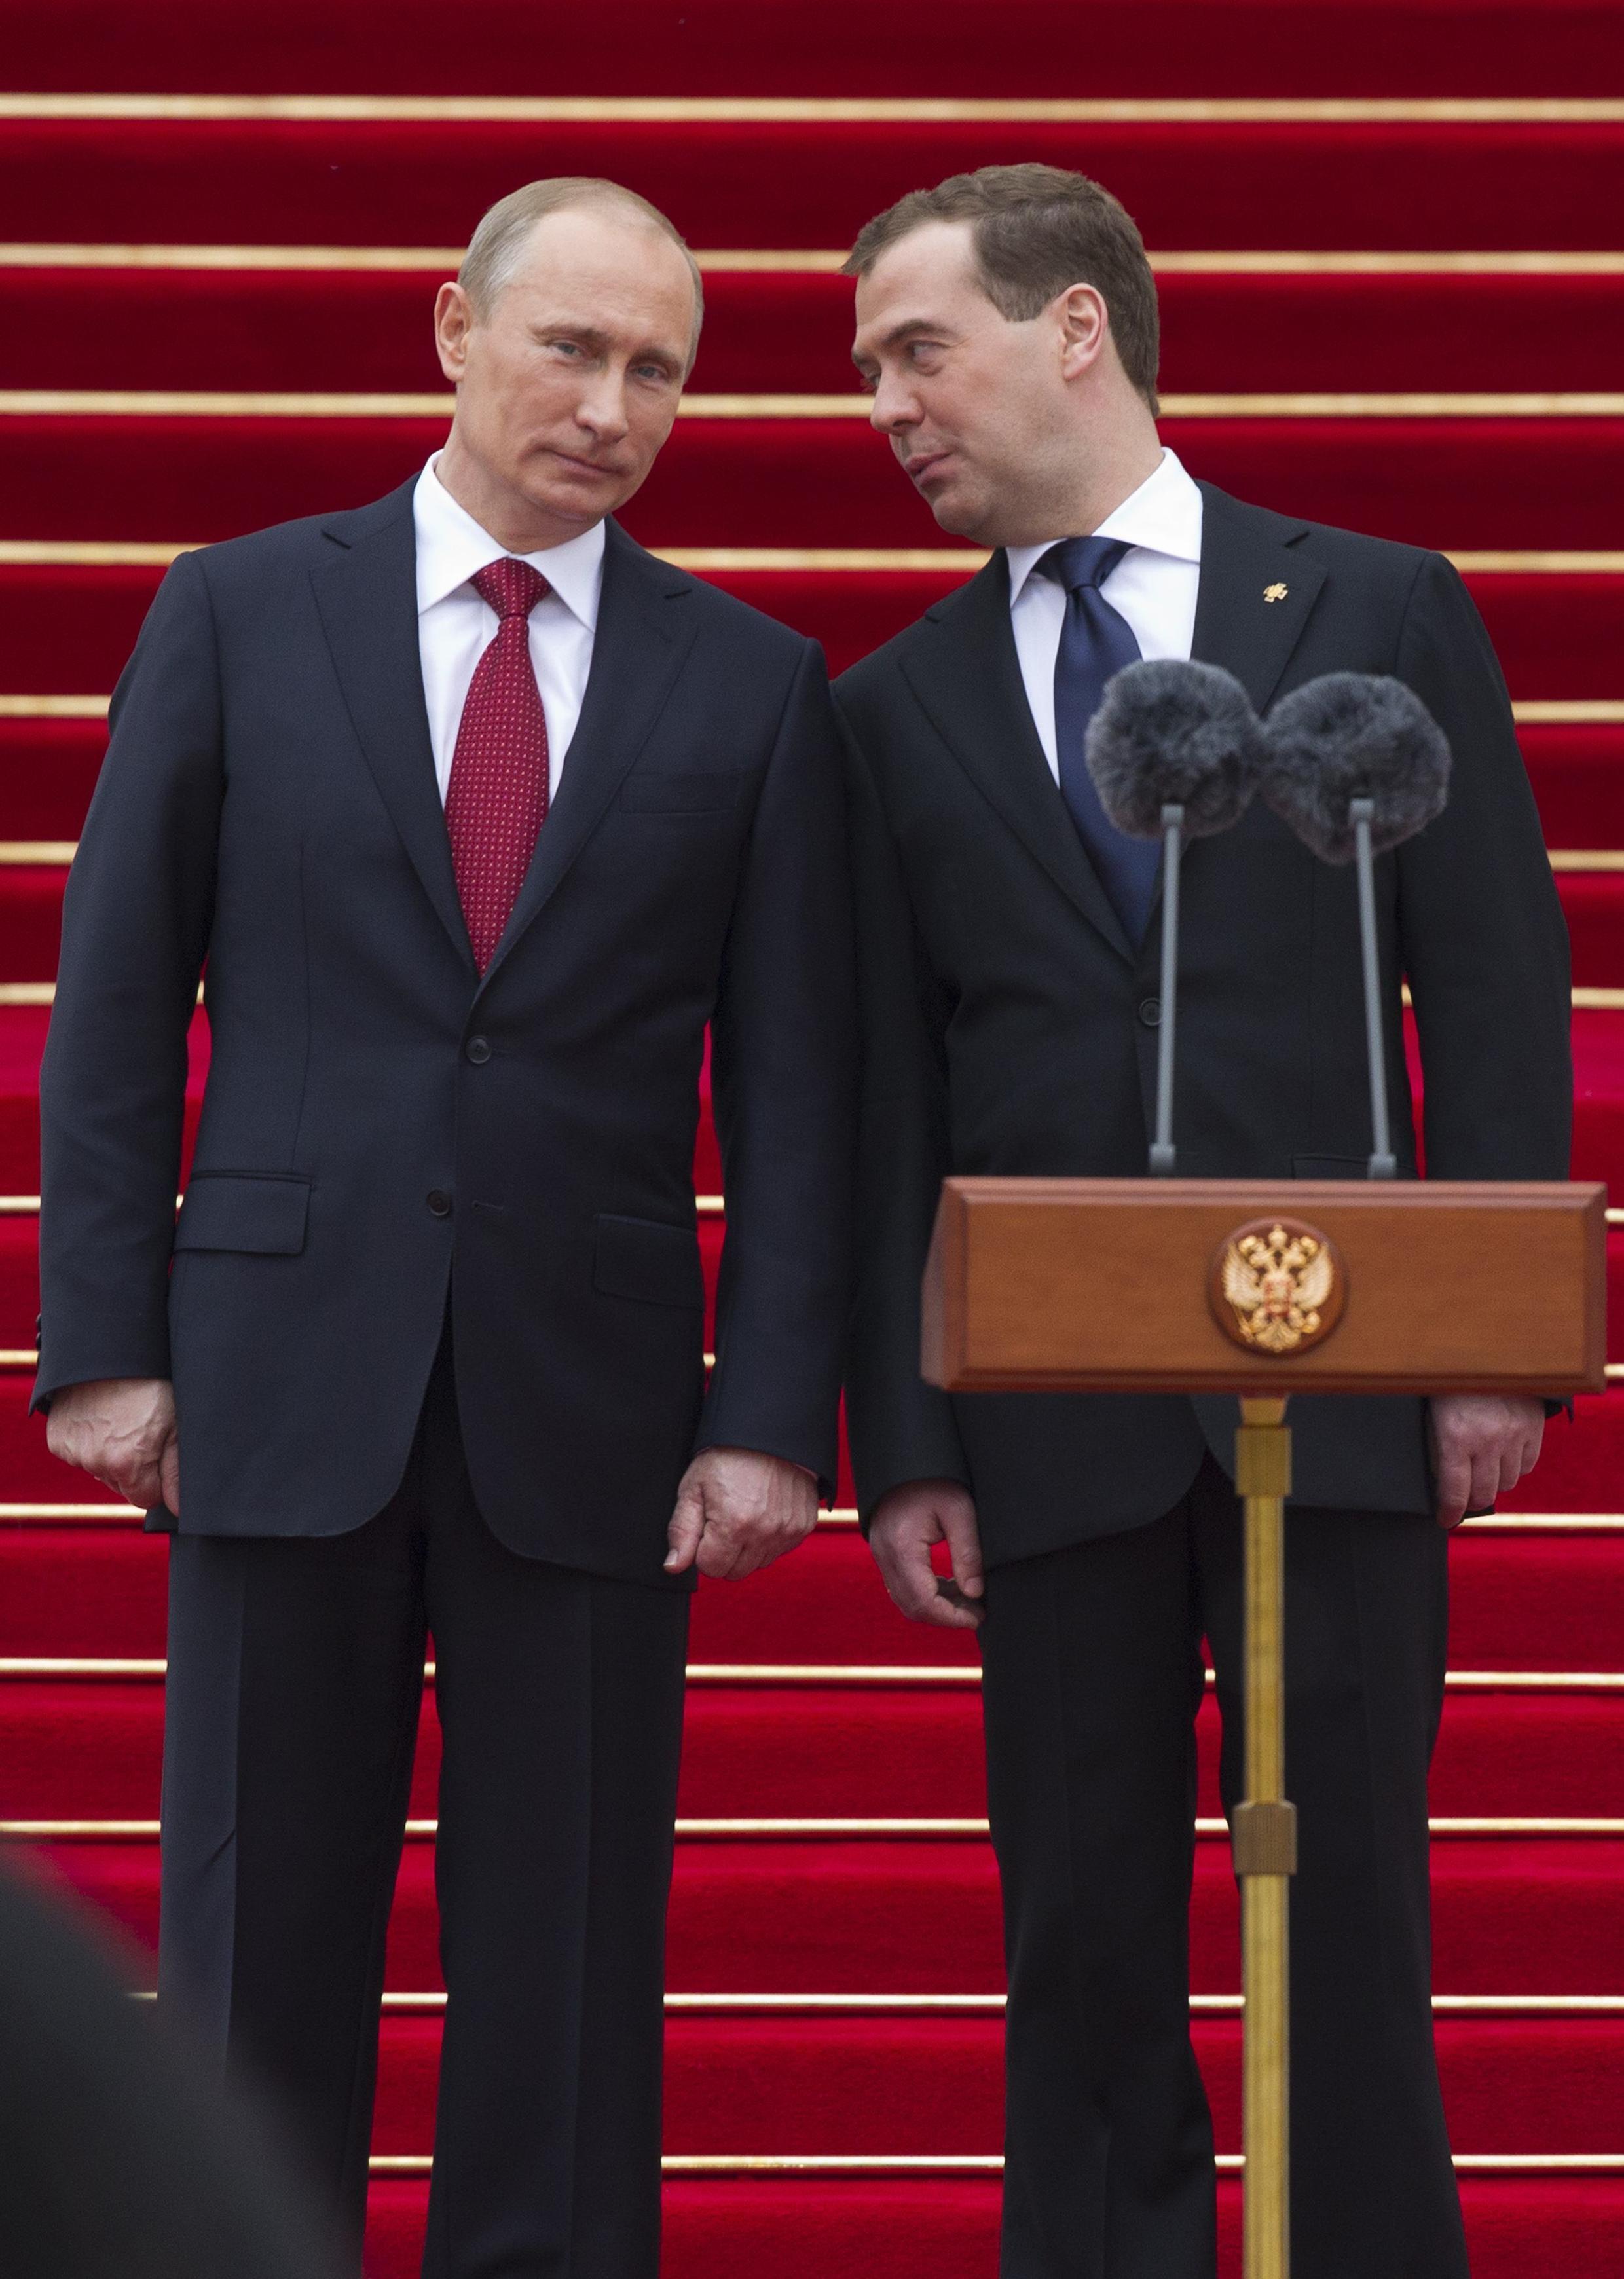 Vladimir Putin y Dimitri Medvedev durante la investidura del nuevo presidente en la catedral del Kremlin, este 7 de mayo de 2012.